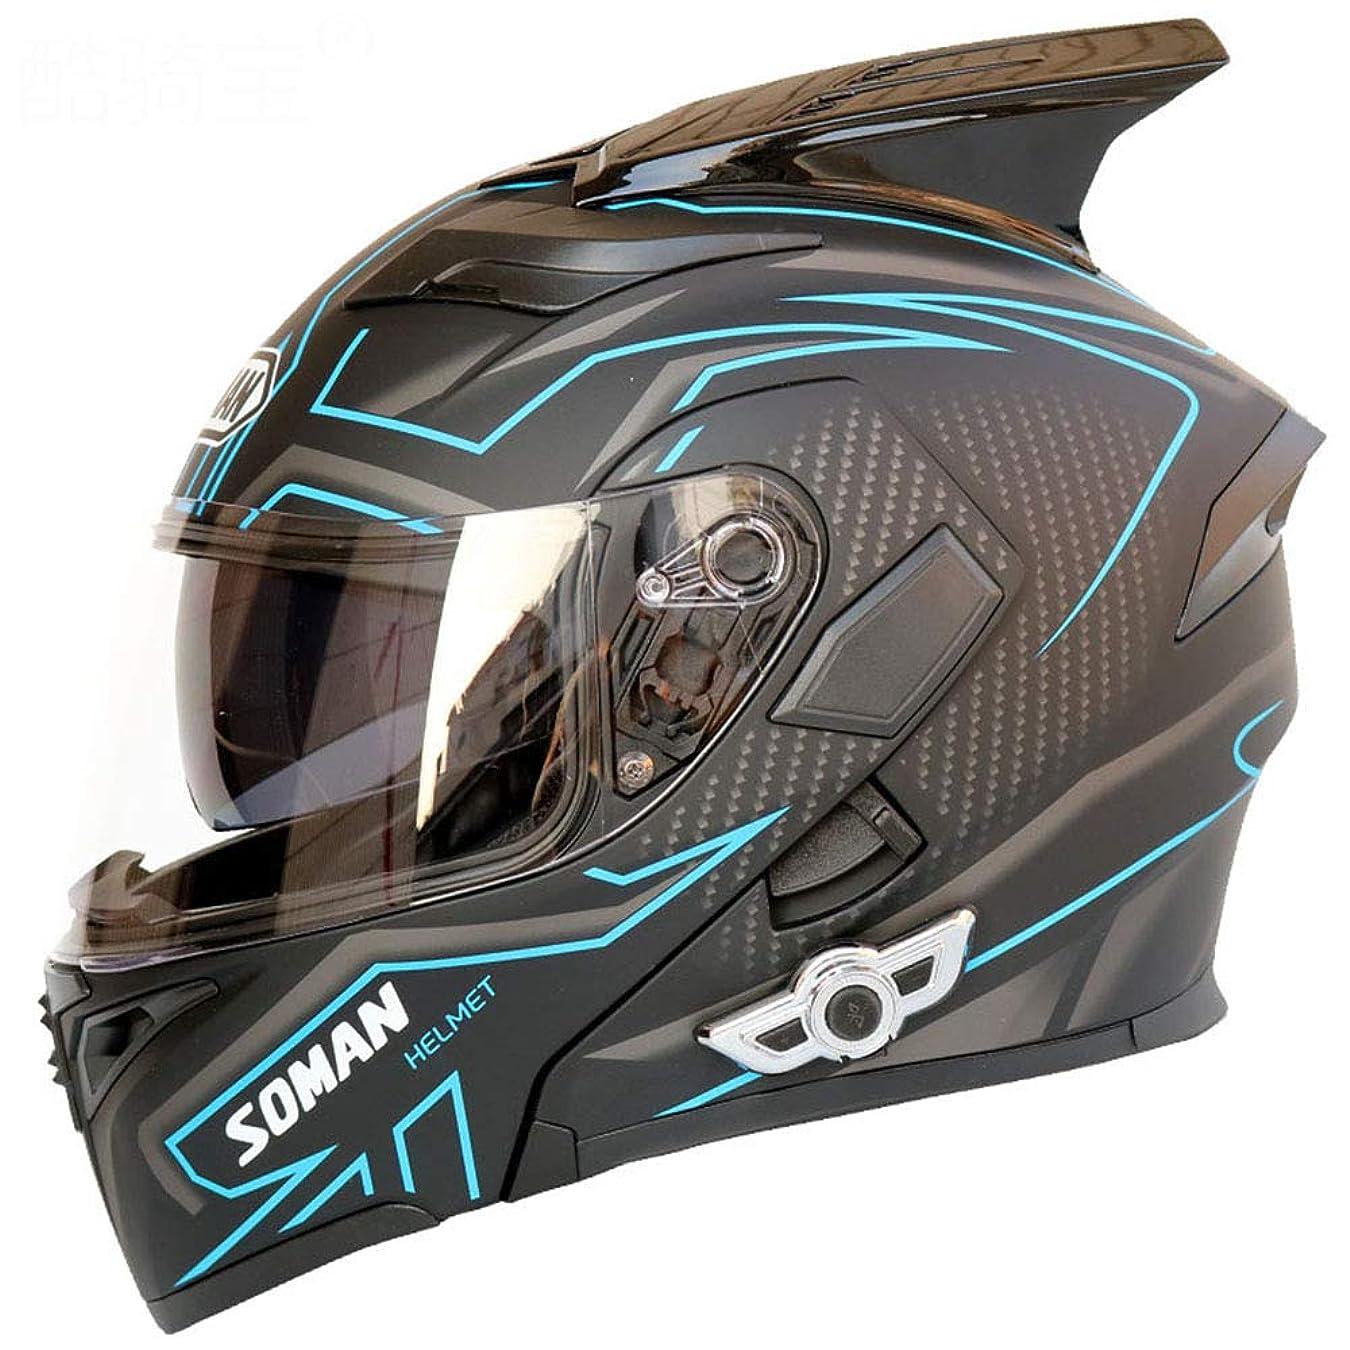 手がかり雇用ポルトガル語バイクヘルメット フルフェイス、FMオートバイ付きBluetoothヘルメット、D.O.T認定パーソナライズドフルフェイスオートバイヘルメット、ダブルレンズ付きフルフェイスヘルメット(M、L、XL、XXL),XL